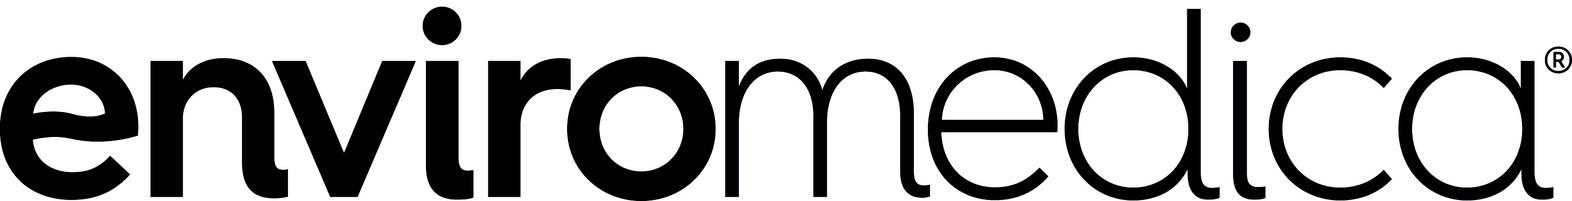 Environmedica logo.